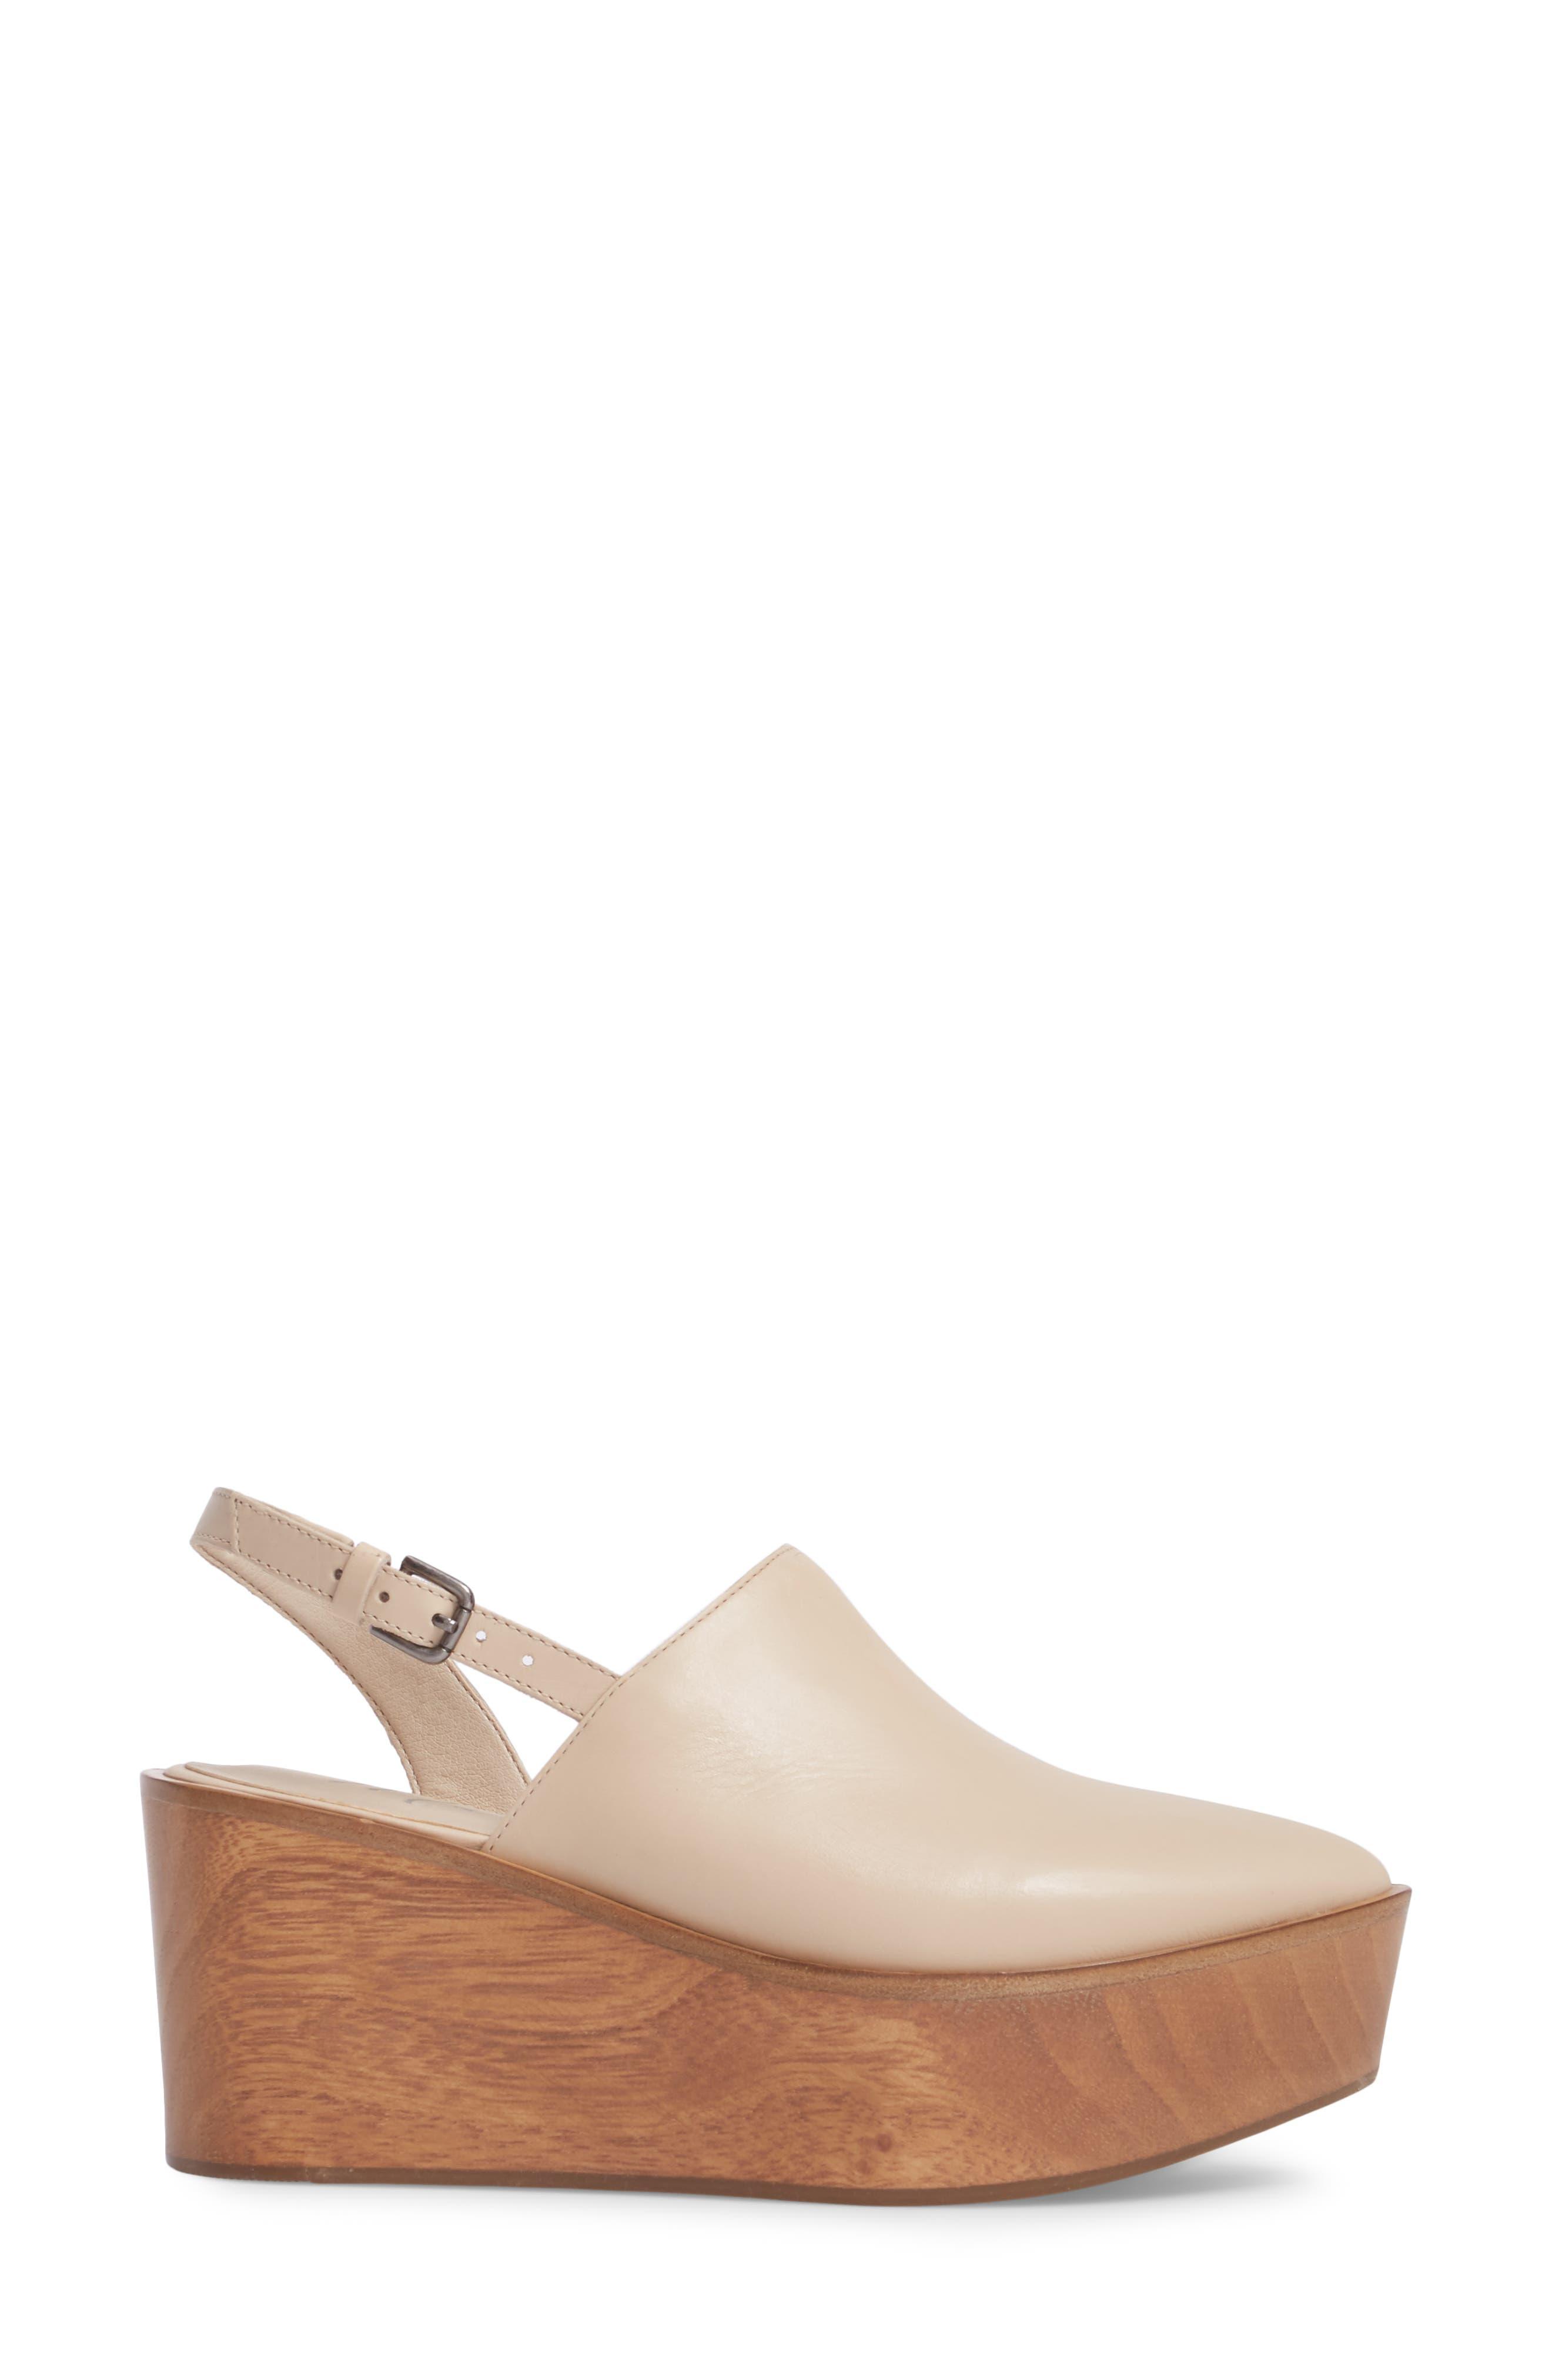 Eyals Slingback Platform Wedge Sandal,                             Alternate thumbnail 3, color,                             Natural Leather